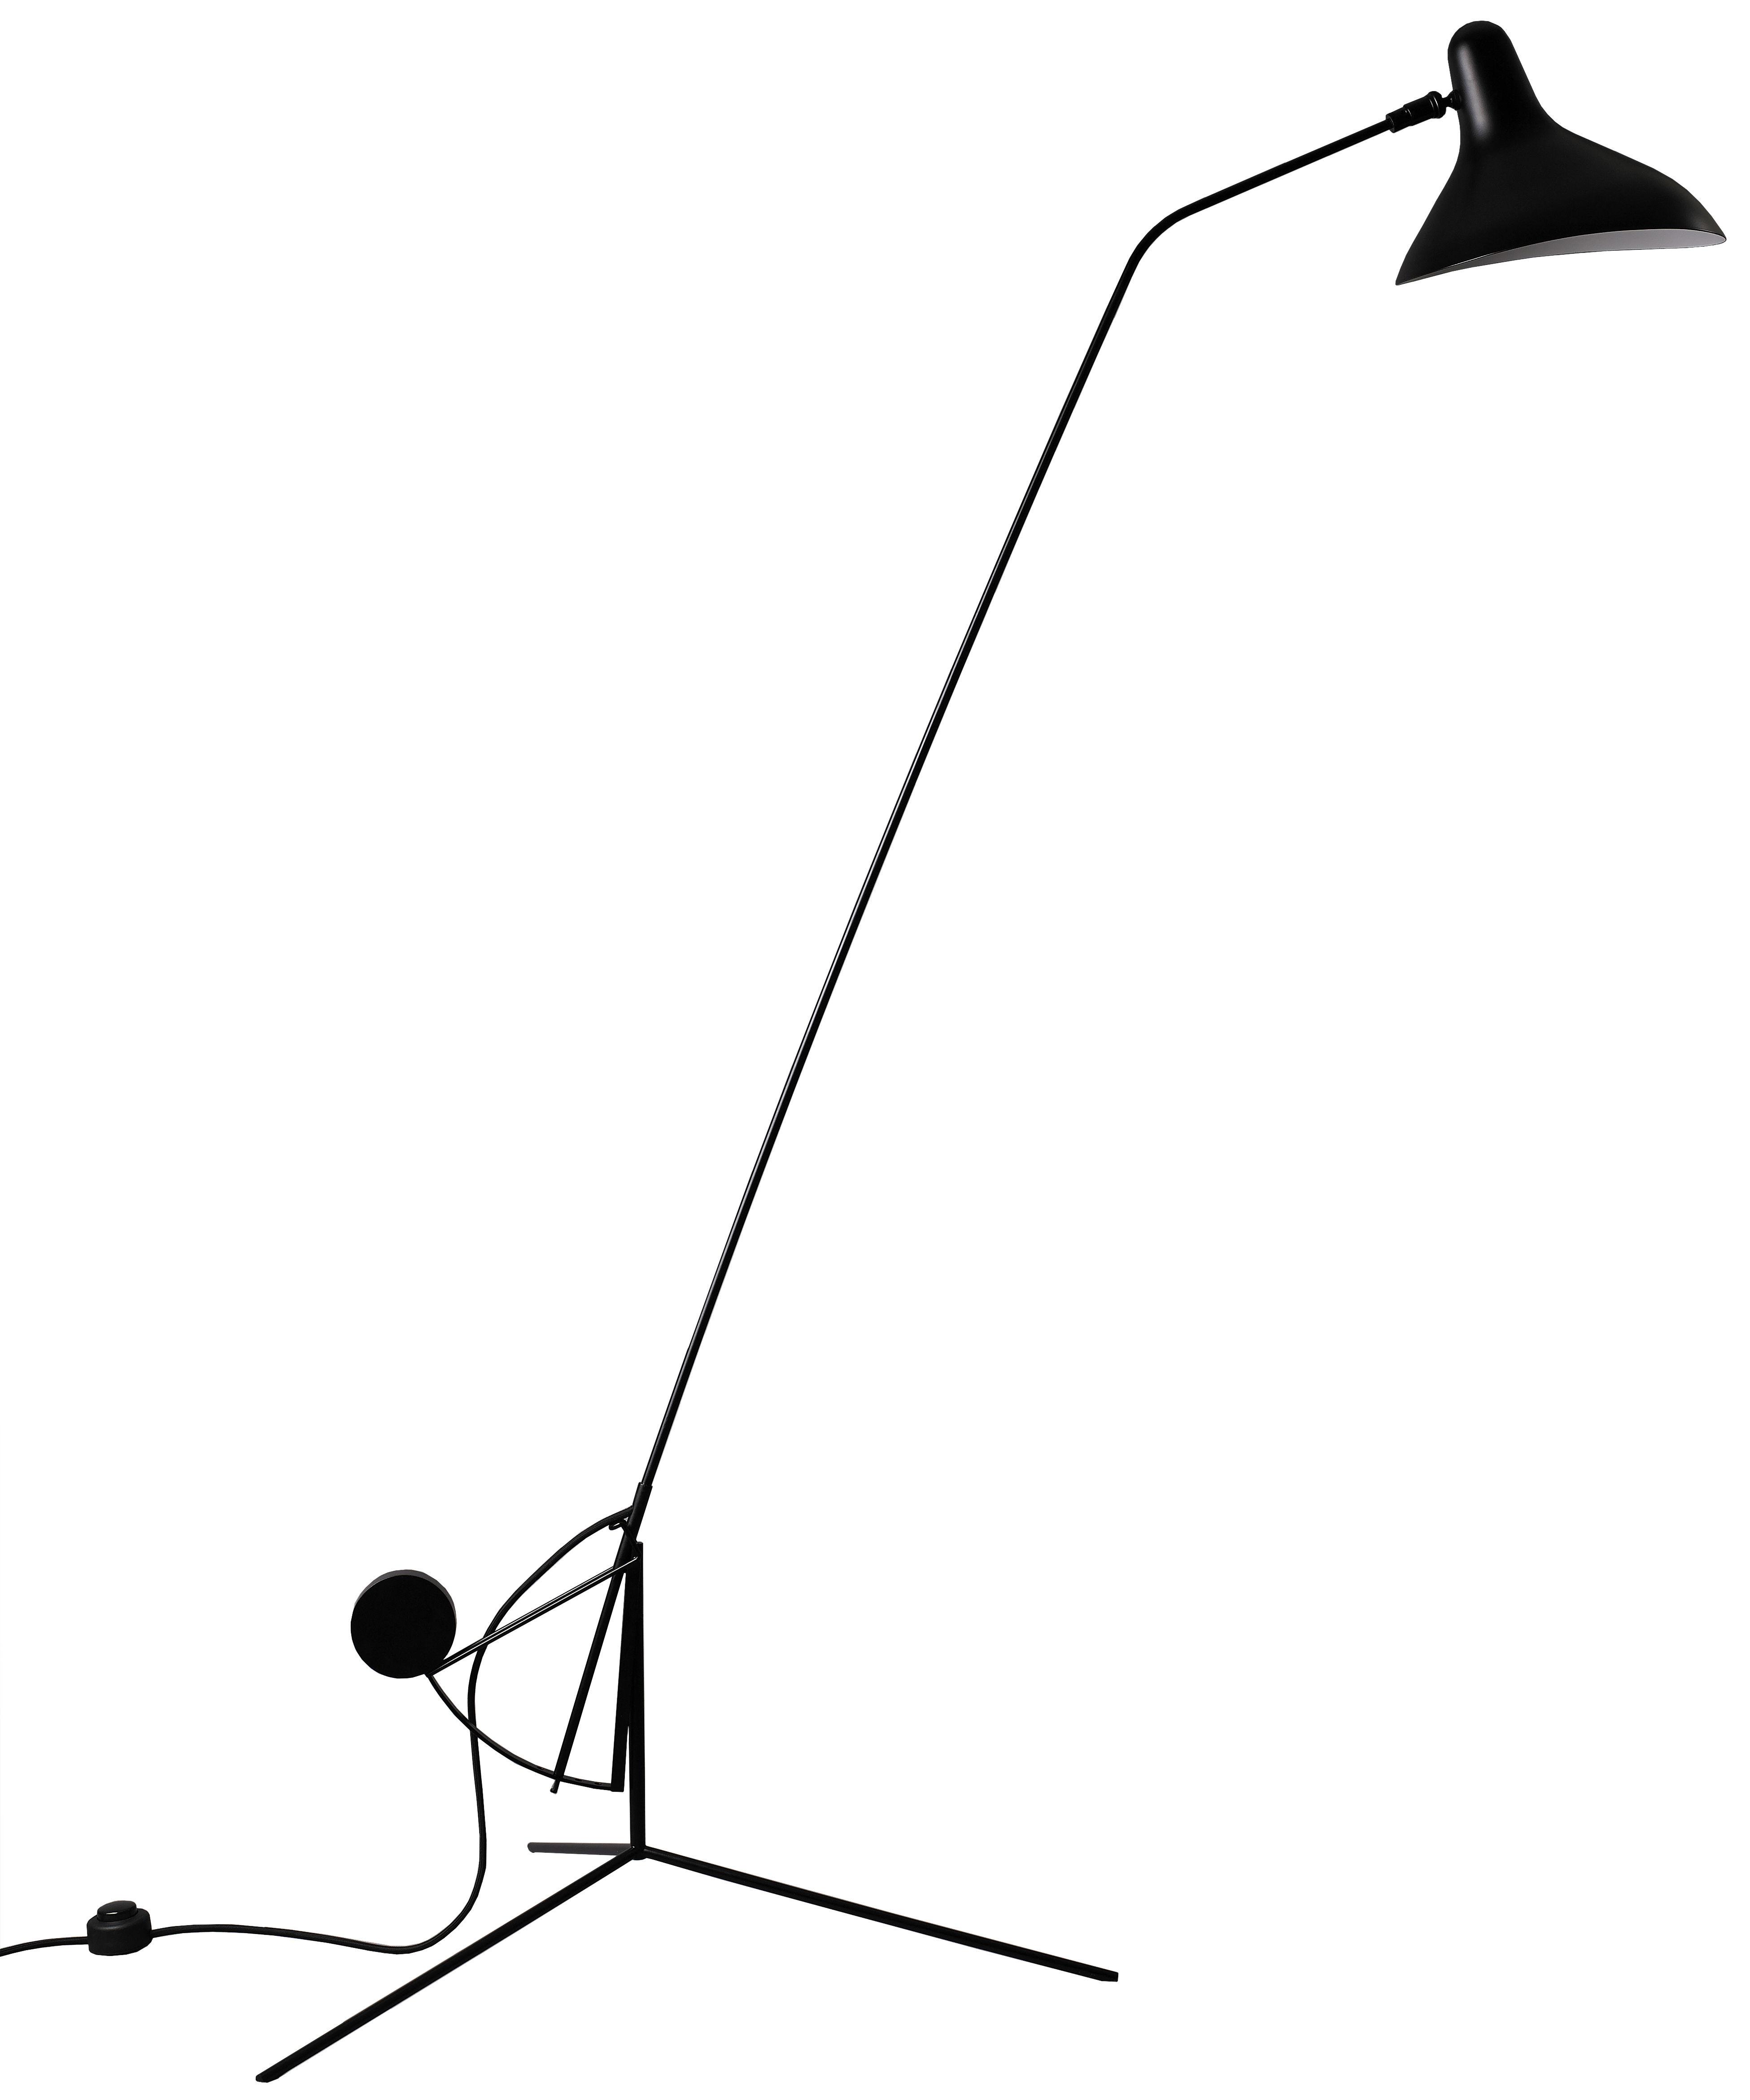 Luminaire - Lampadaires - Lampadaire Mantis BS1 / Schottlander - Réédition - Tripode - DCW éditions - Noir / Abat-jour noir - Acier, Aluminium